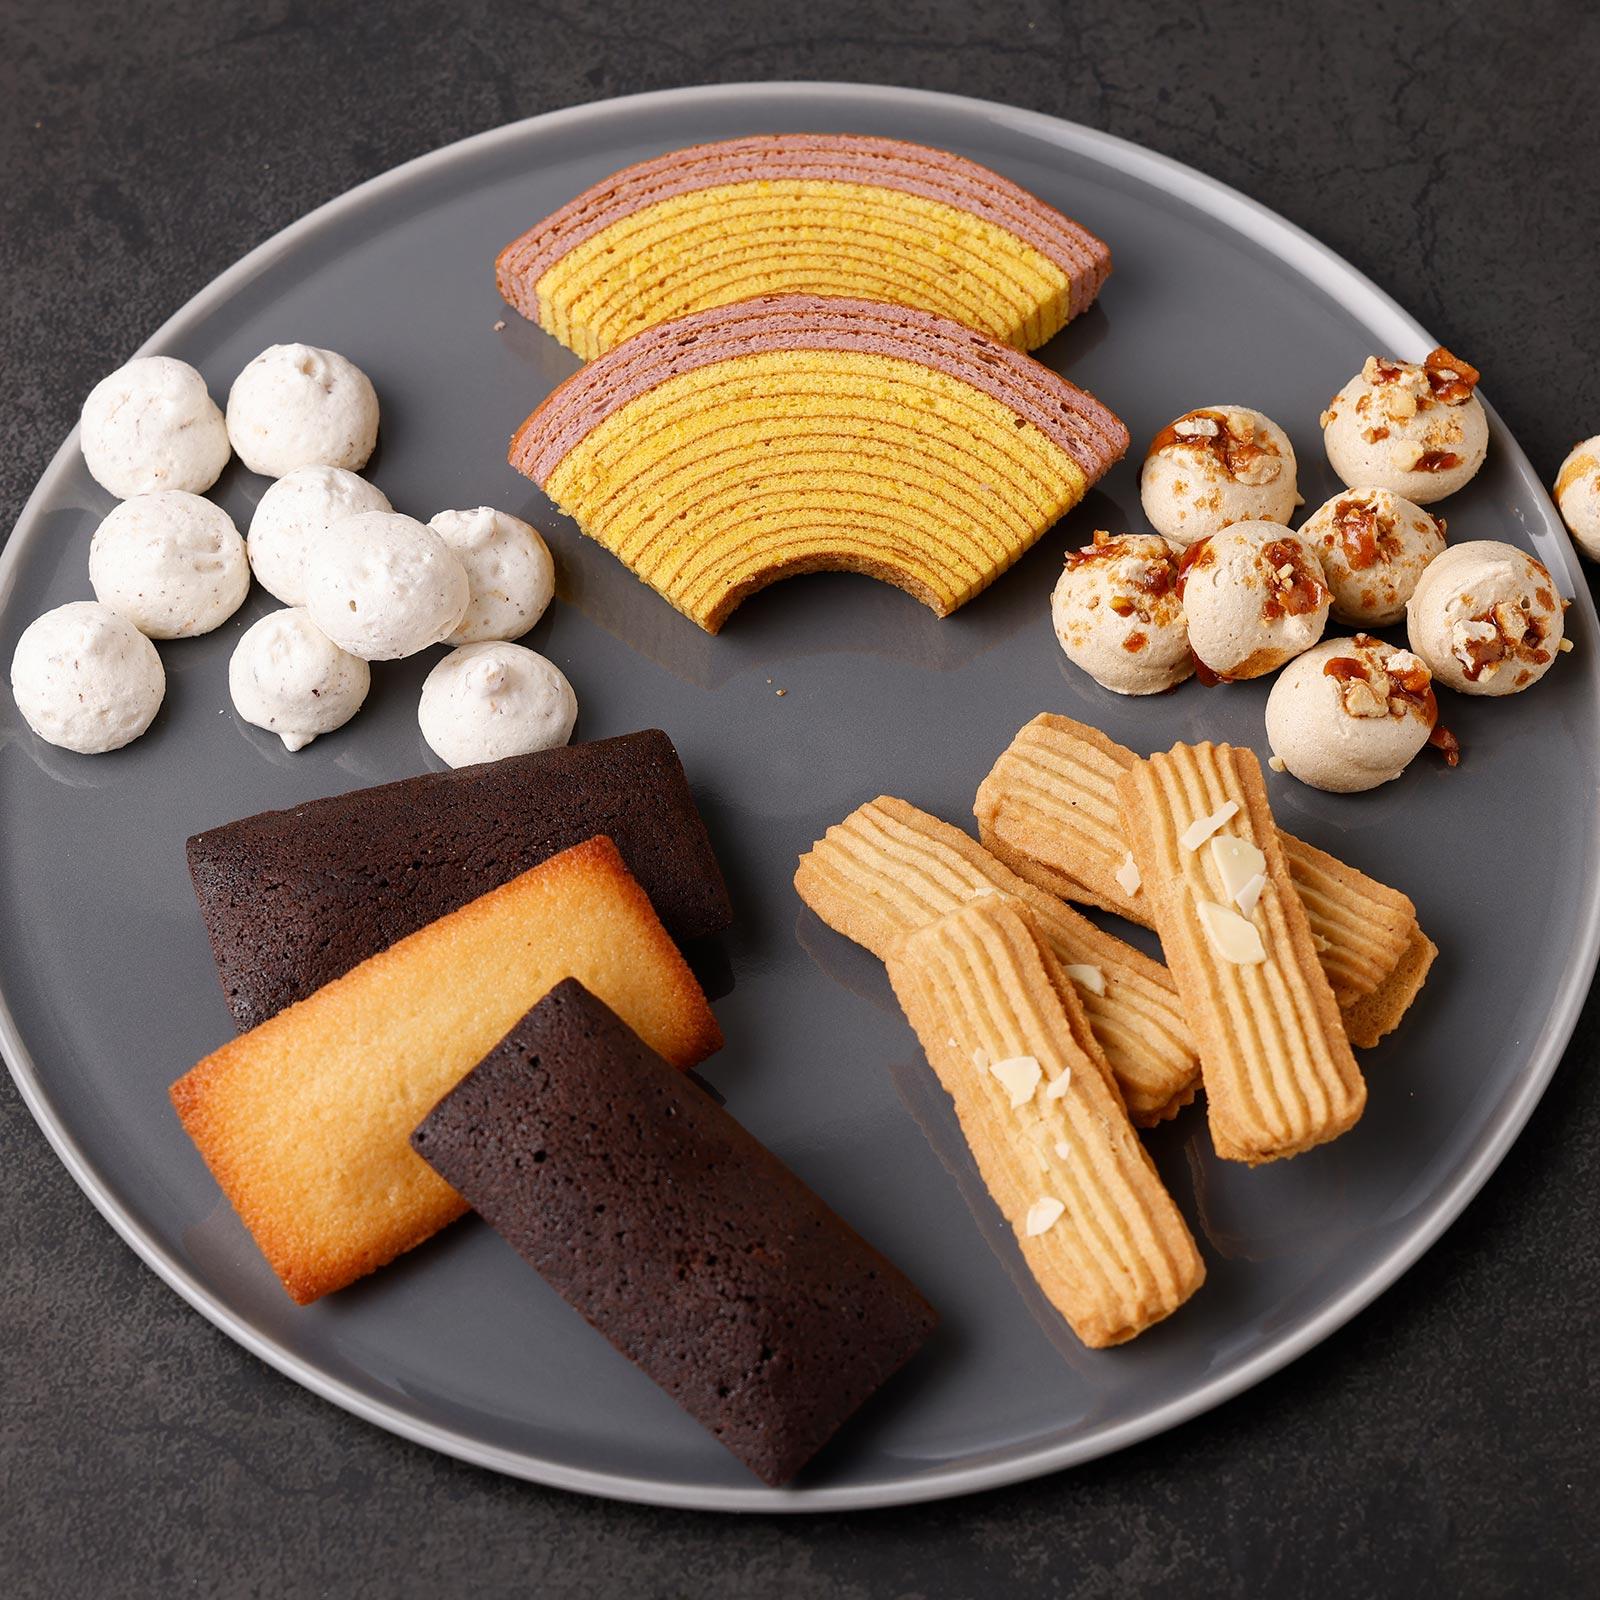 秋限定バウムクーヘンにメレンゲクッキーやプラリネサンドクッキー、焦がしバター香るフィナンシェを詰め合わせ